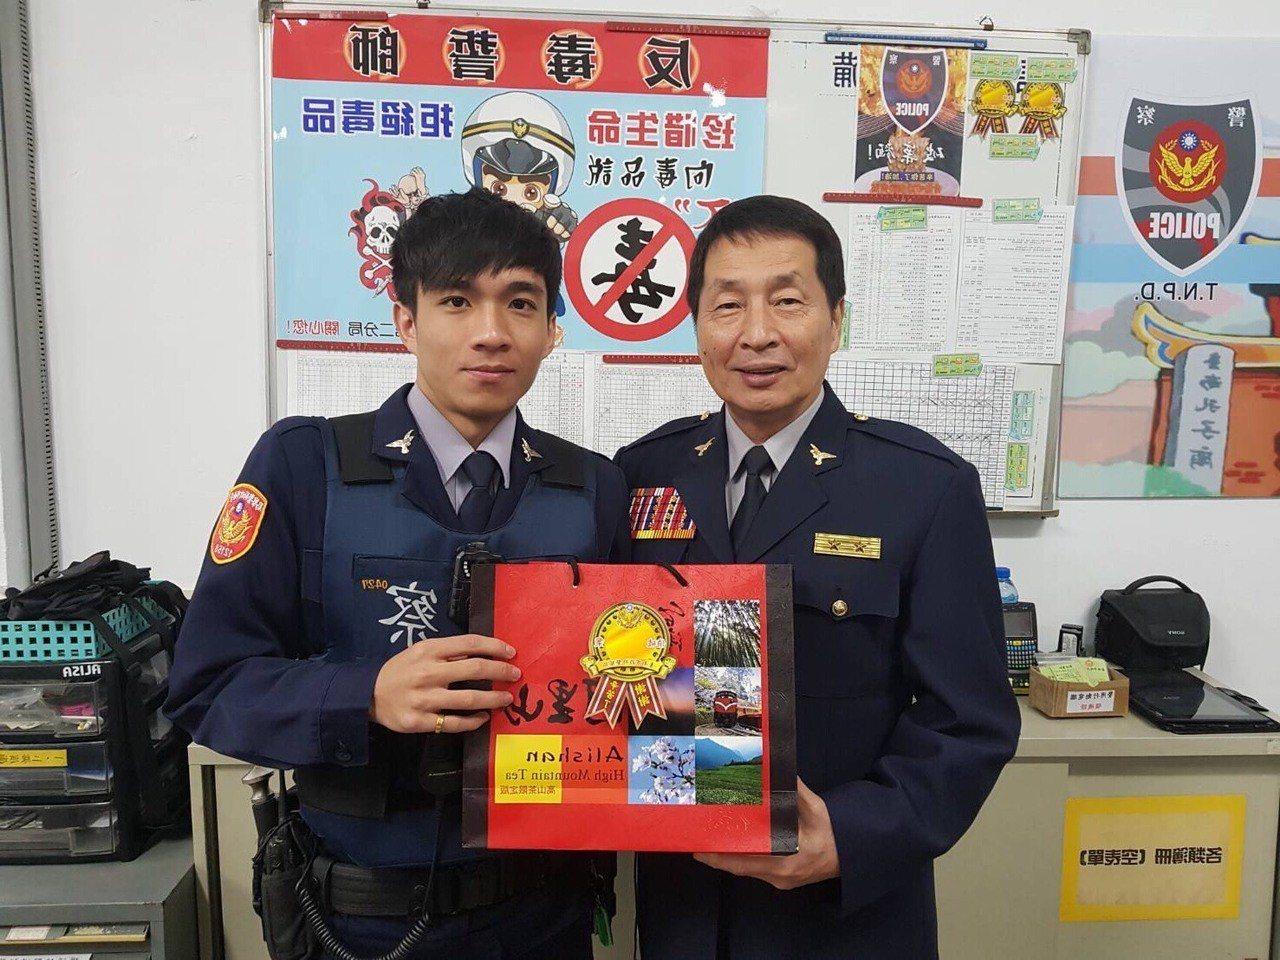 台南市警局副局長許世旻(右)頒獎表揚陳奕瑄。記者邵心杰/翻攝